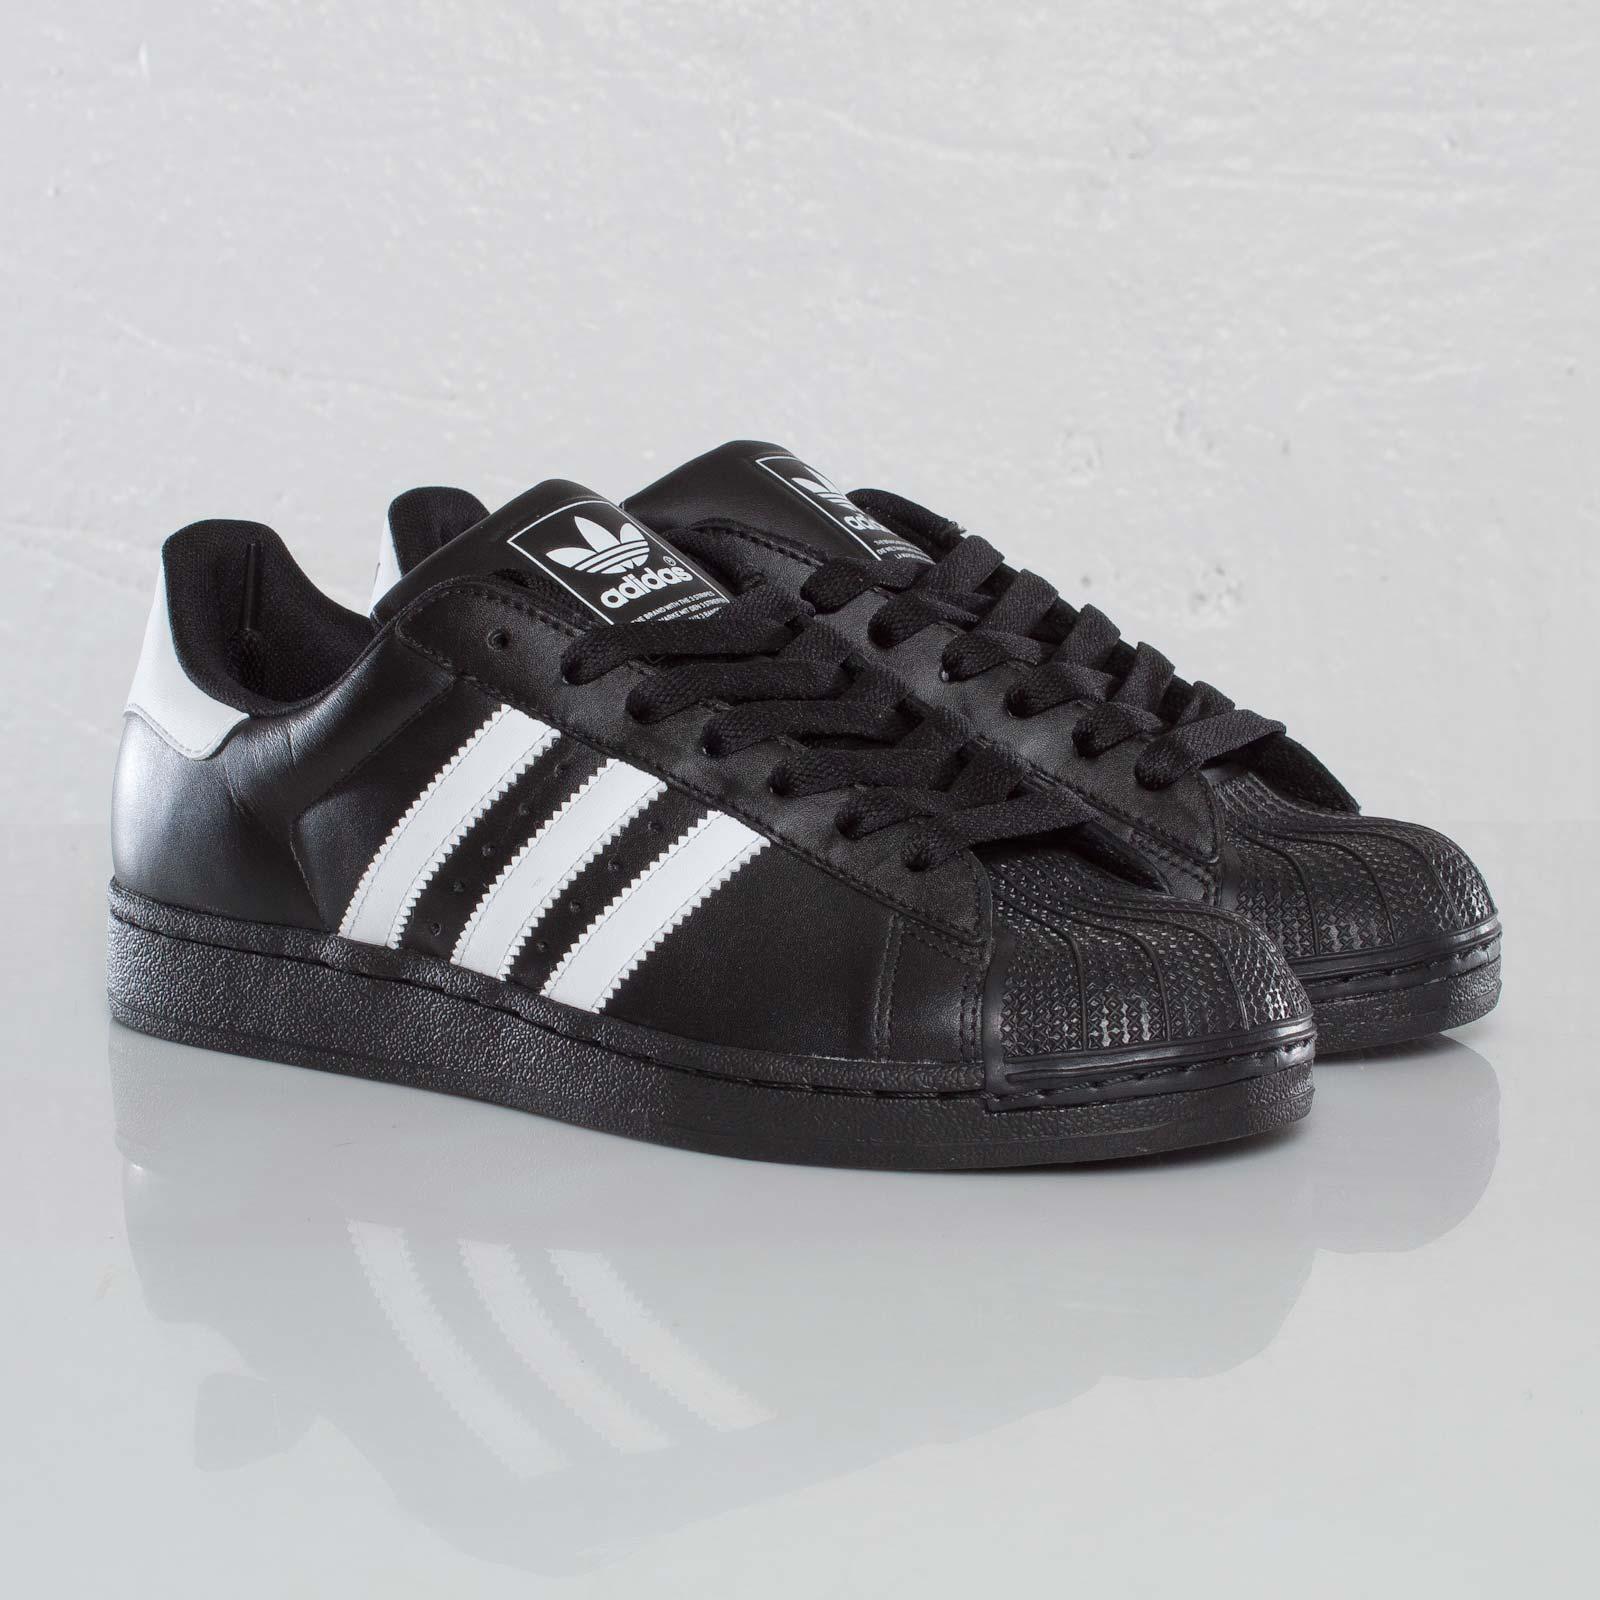 adidas Superstar II 110445 Sneakersnstuff I Sneakers